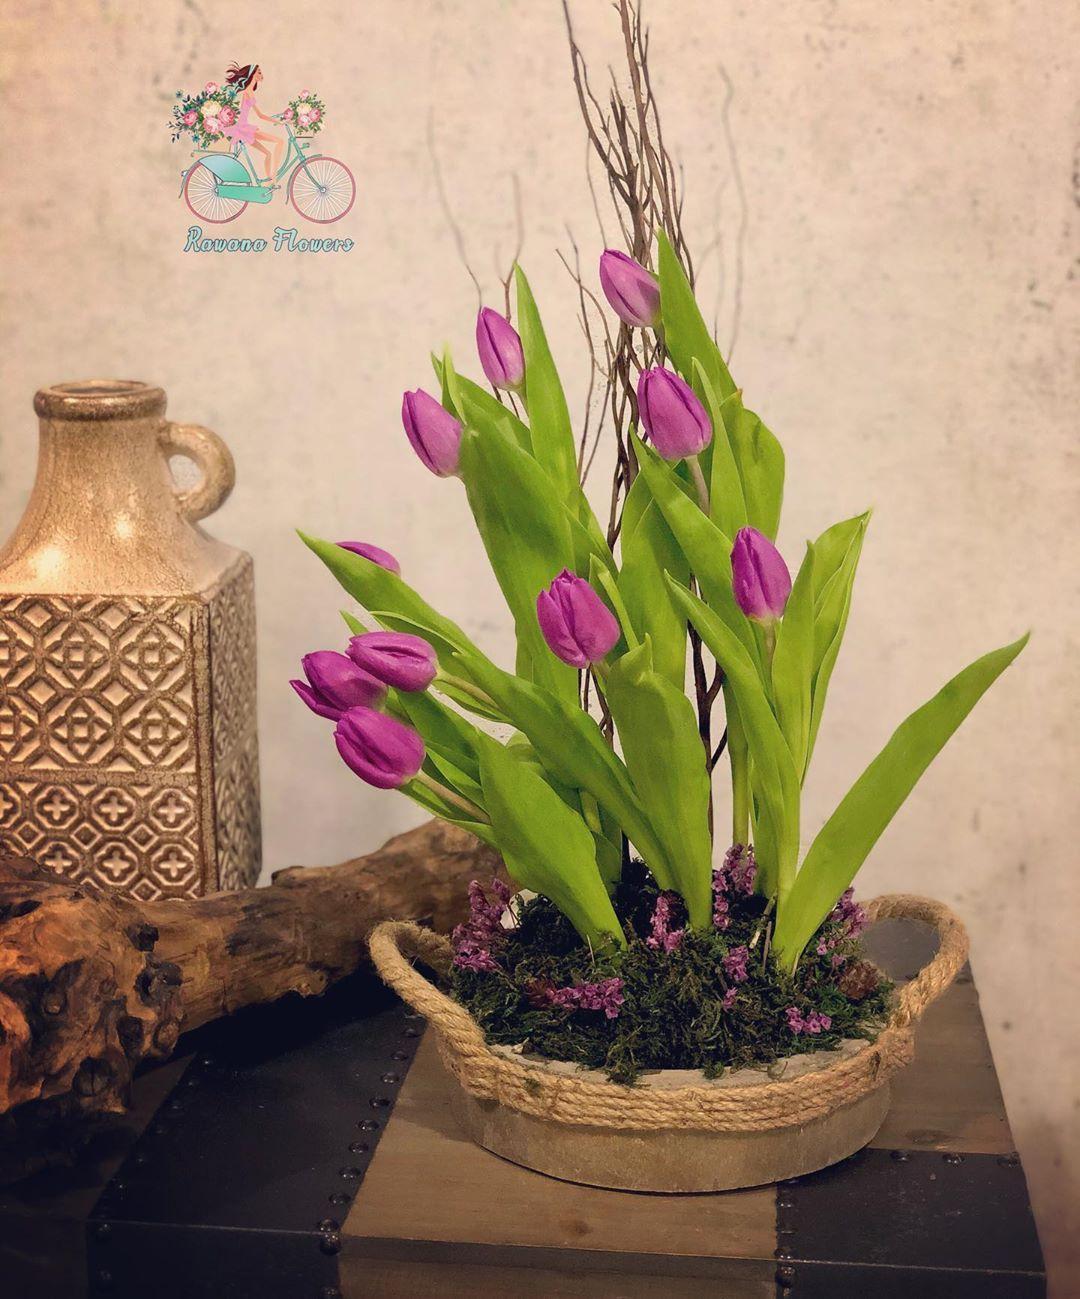 R A W A N A F L O W E R S On Instagram زهور التوليب الجميلة من ألطف وأنعم الزهور الطبيعية Rak Raku Flowers Planter Pots Flower Designs